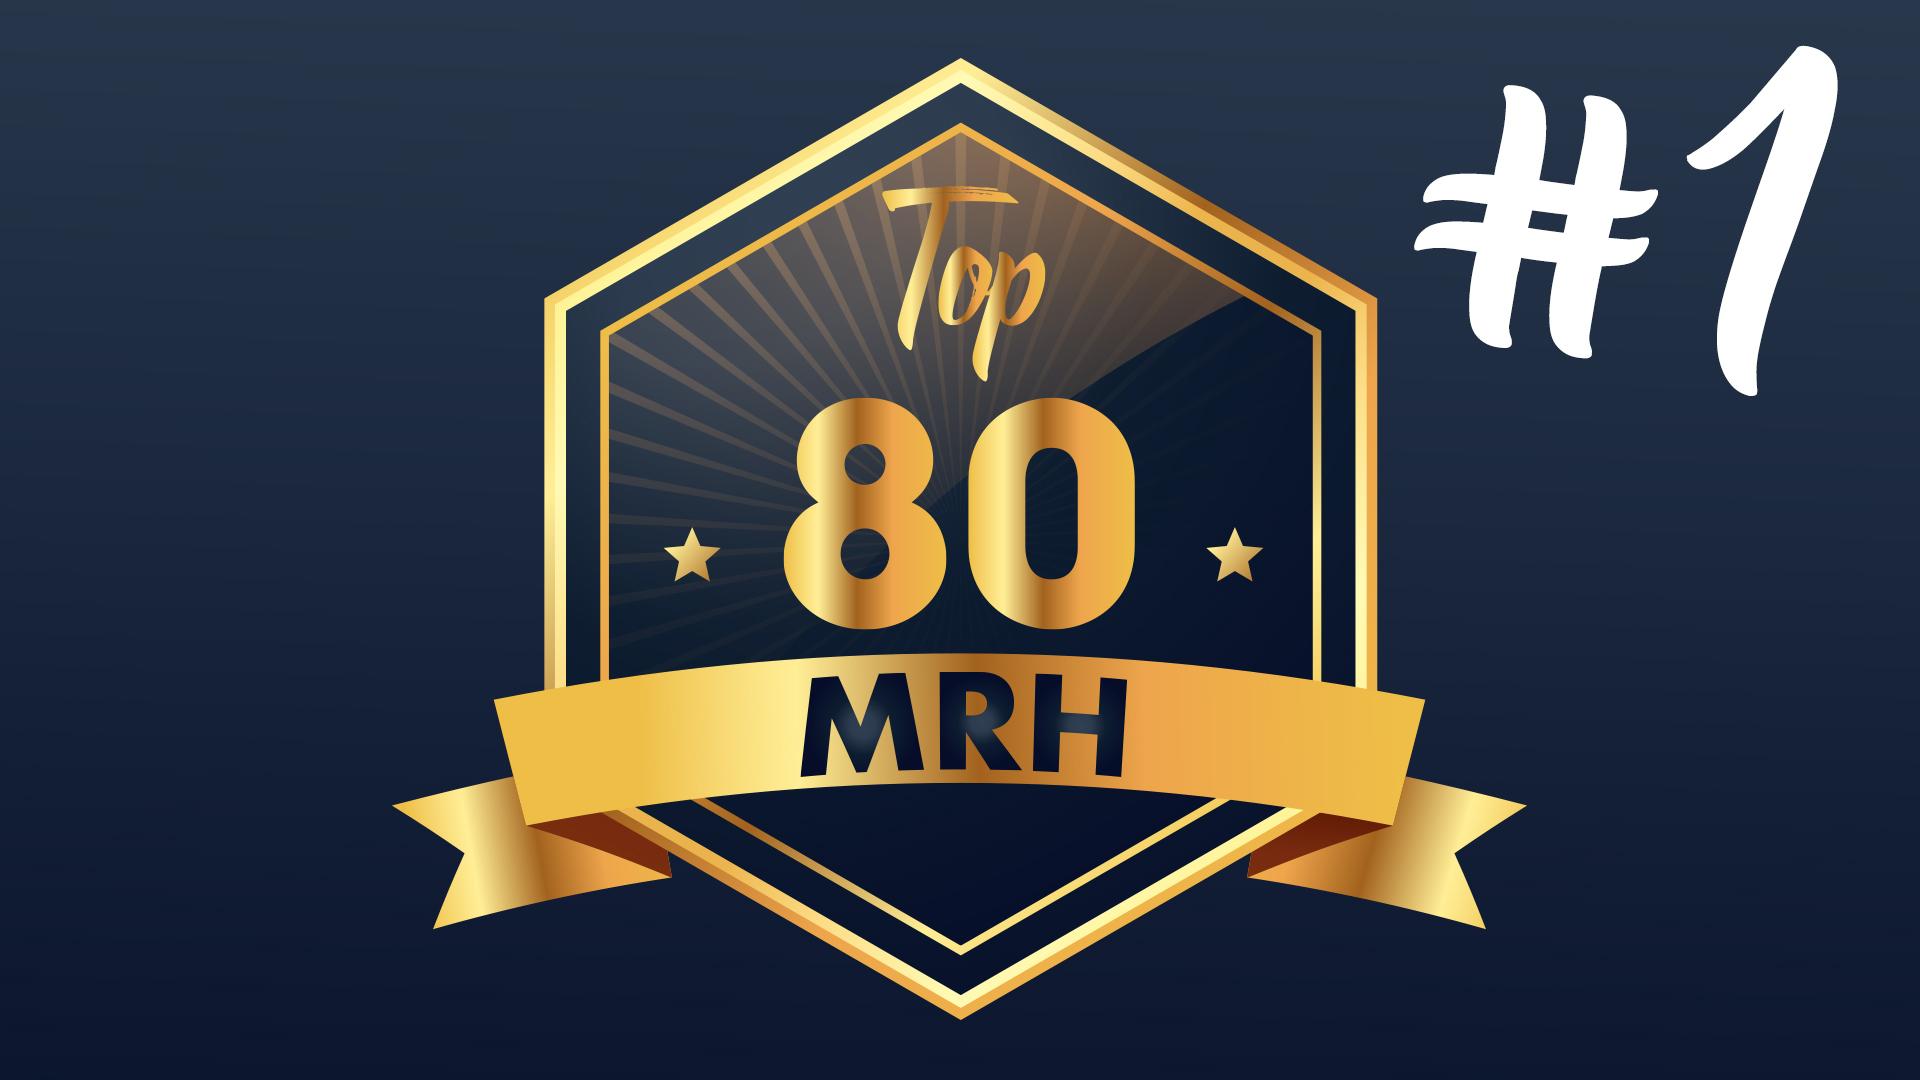 Top 80 MRH - Découvrez les premiers gagnants